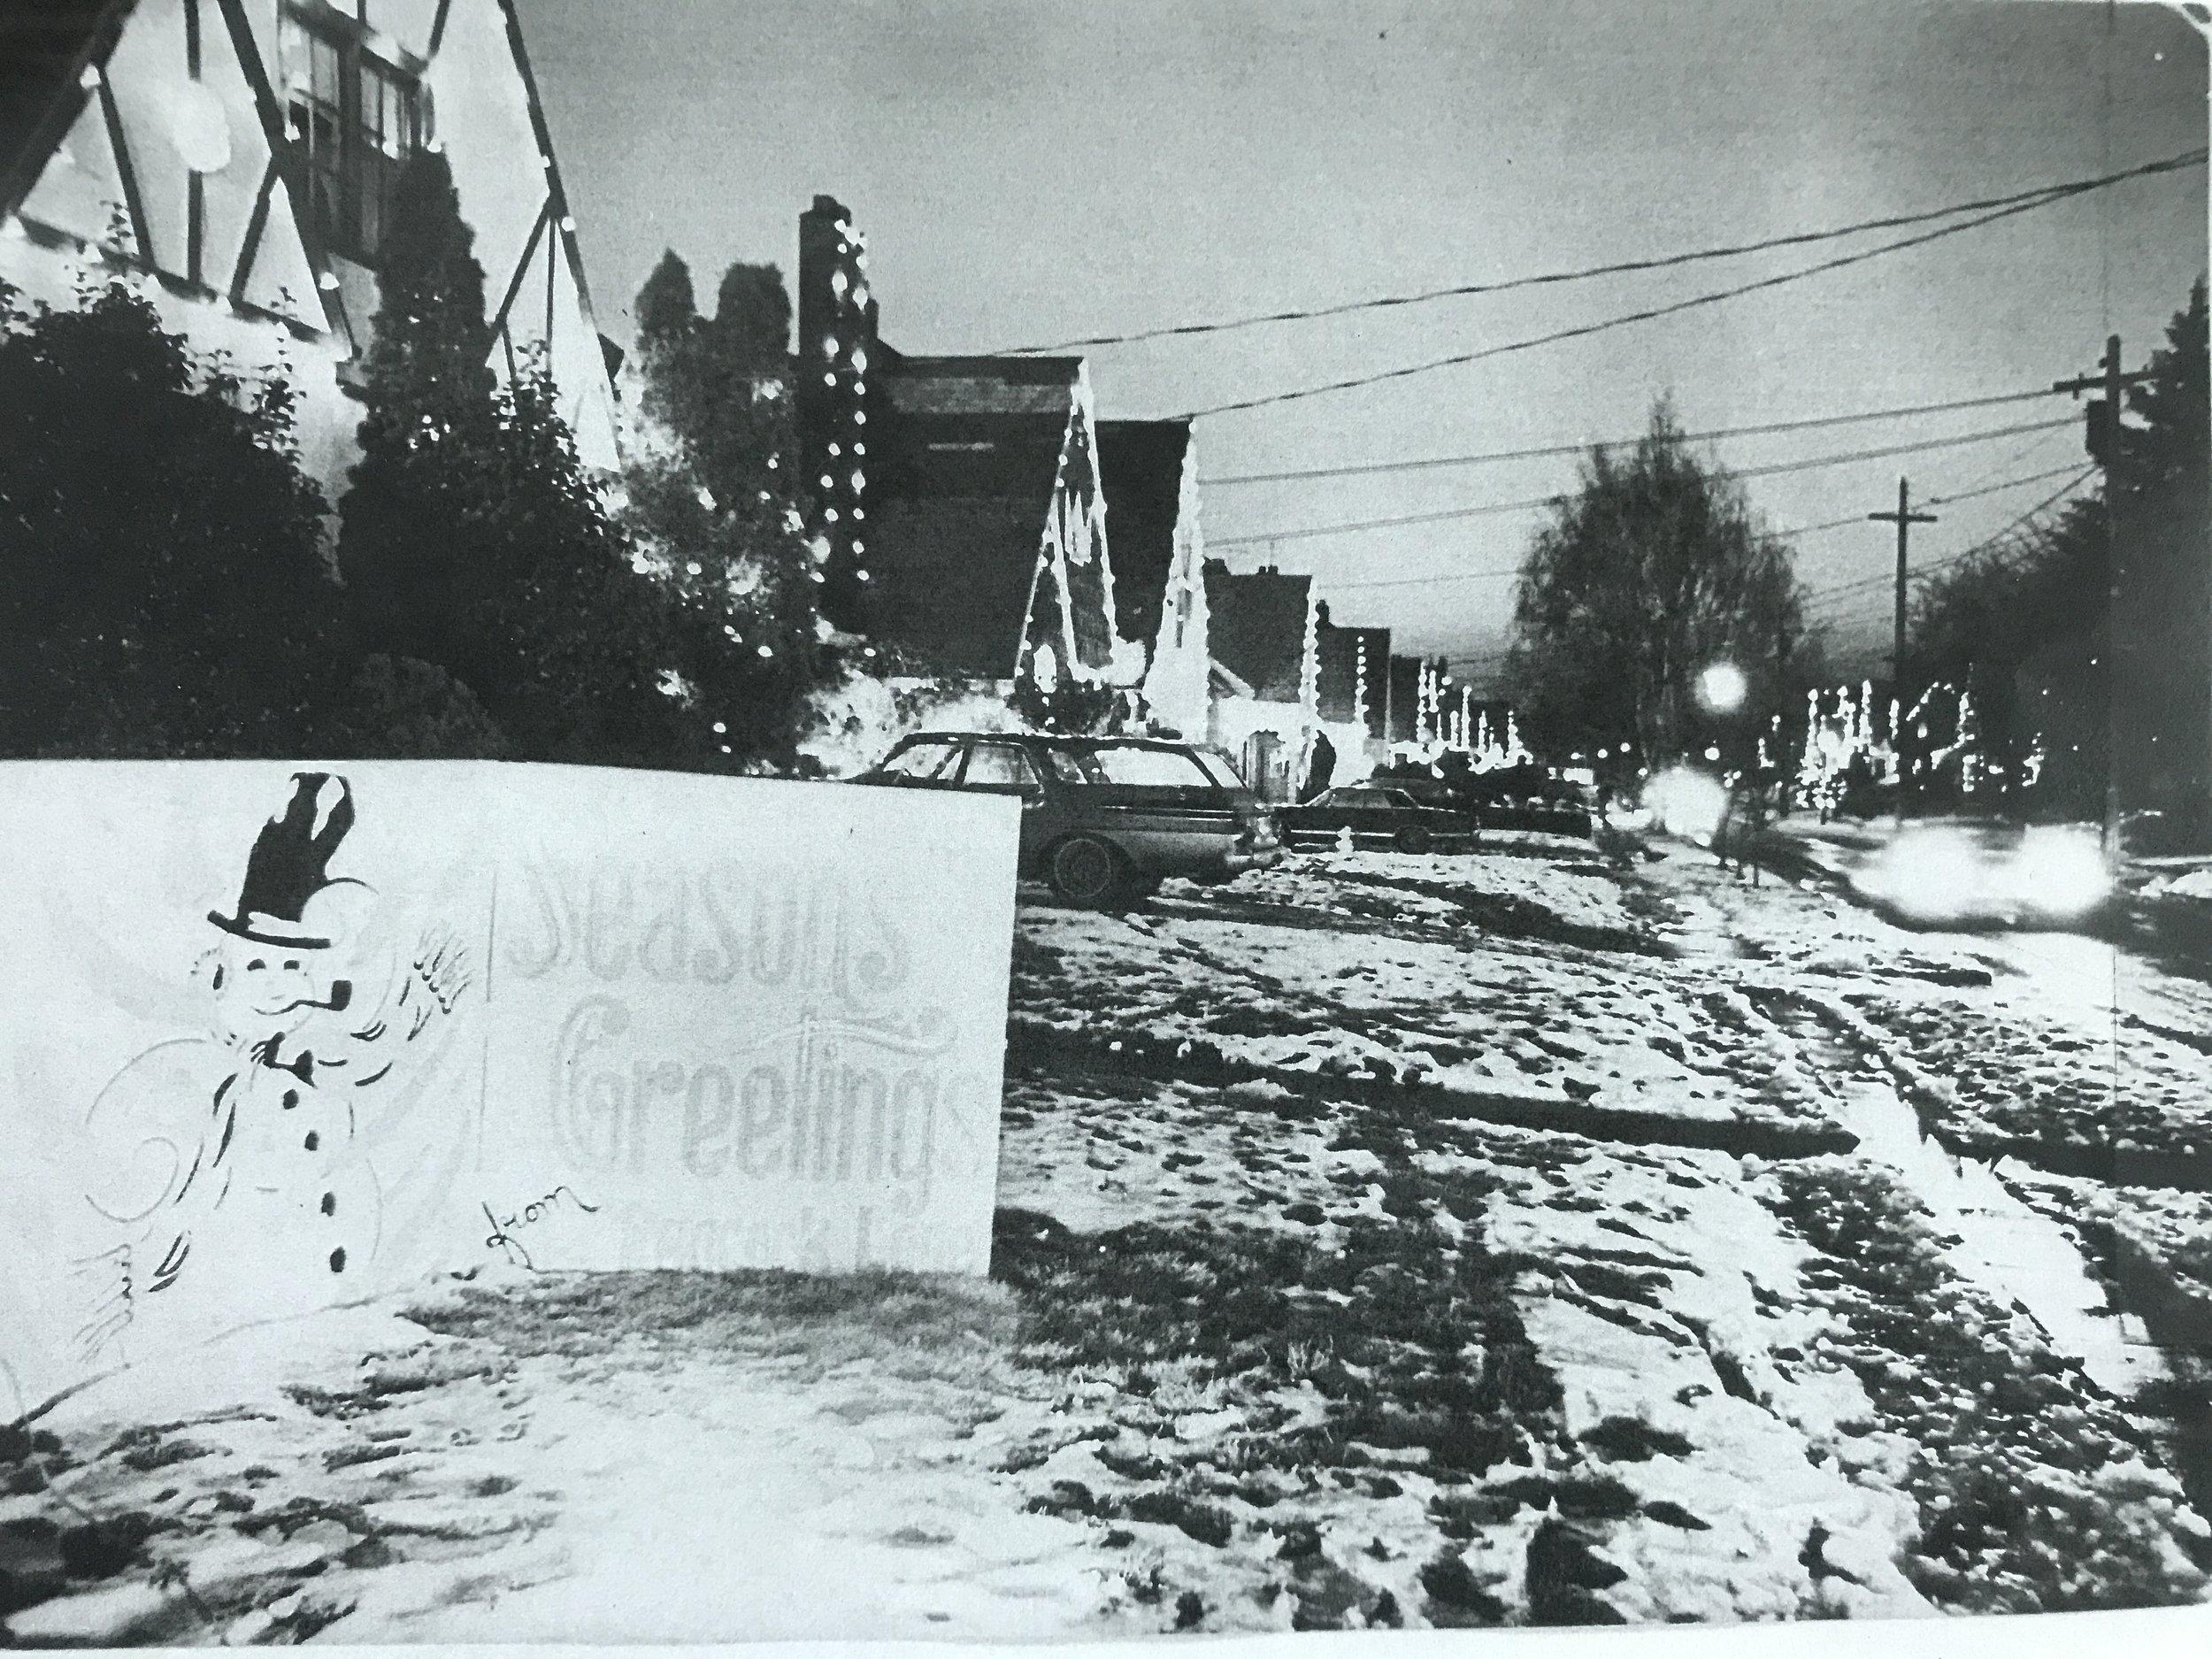 Peacock Lane, 1967